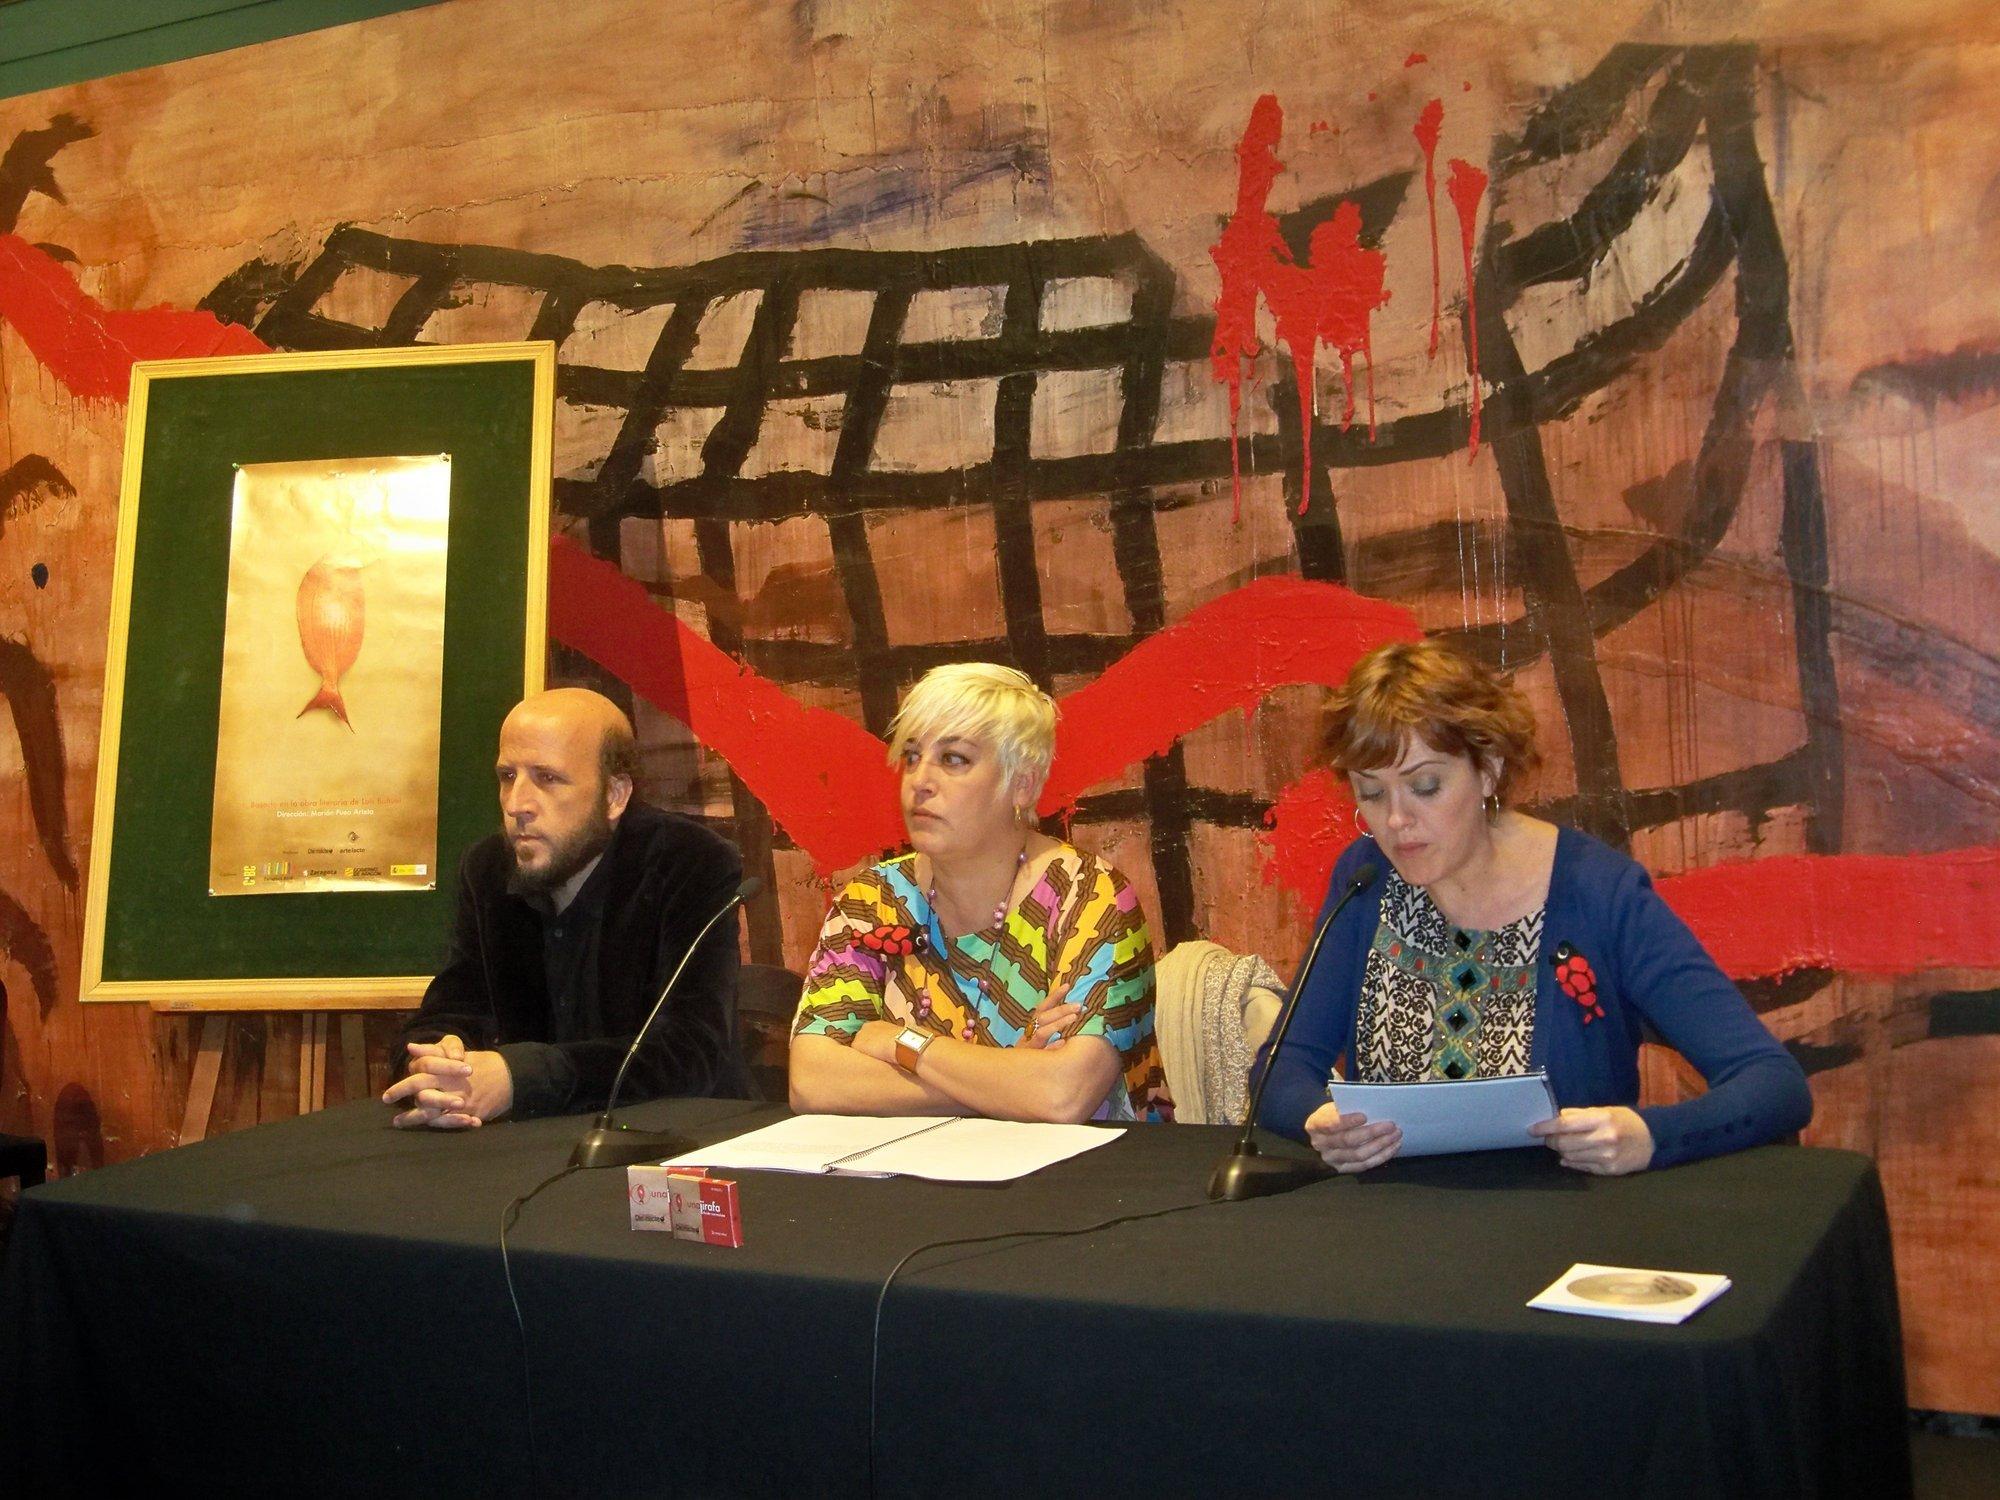 Un espectáculo muestra el surrealismo de la obra poética de Buñuel, en el Principal